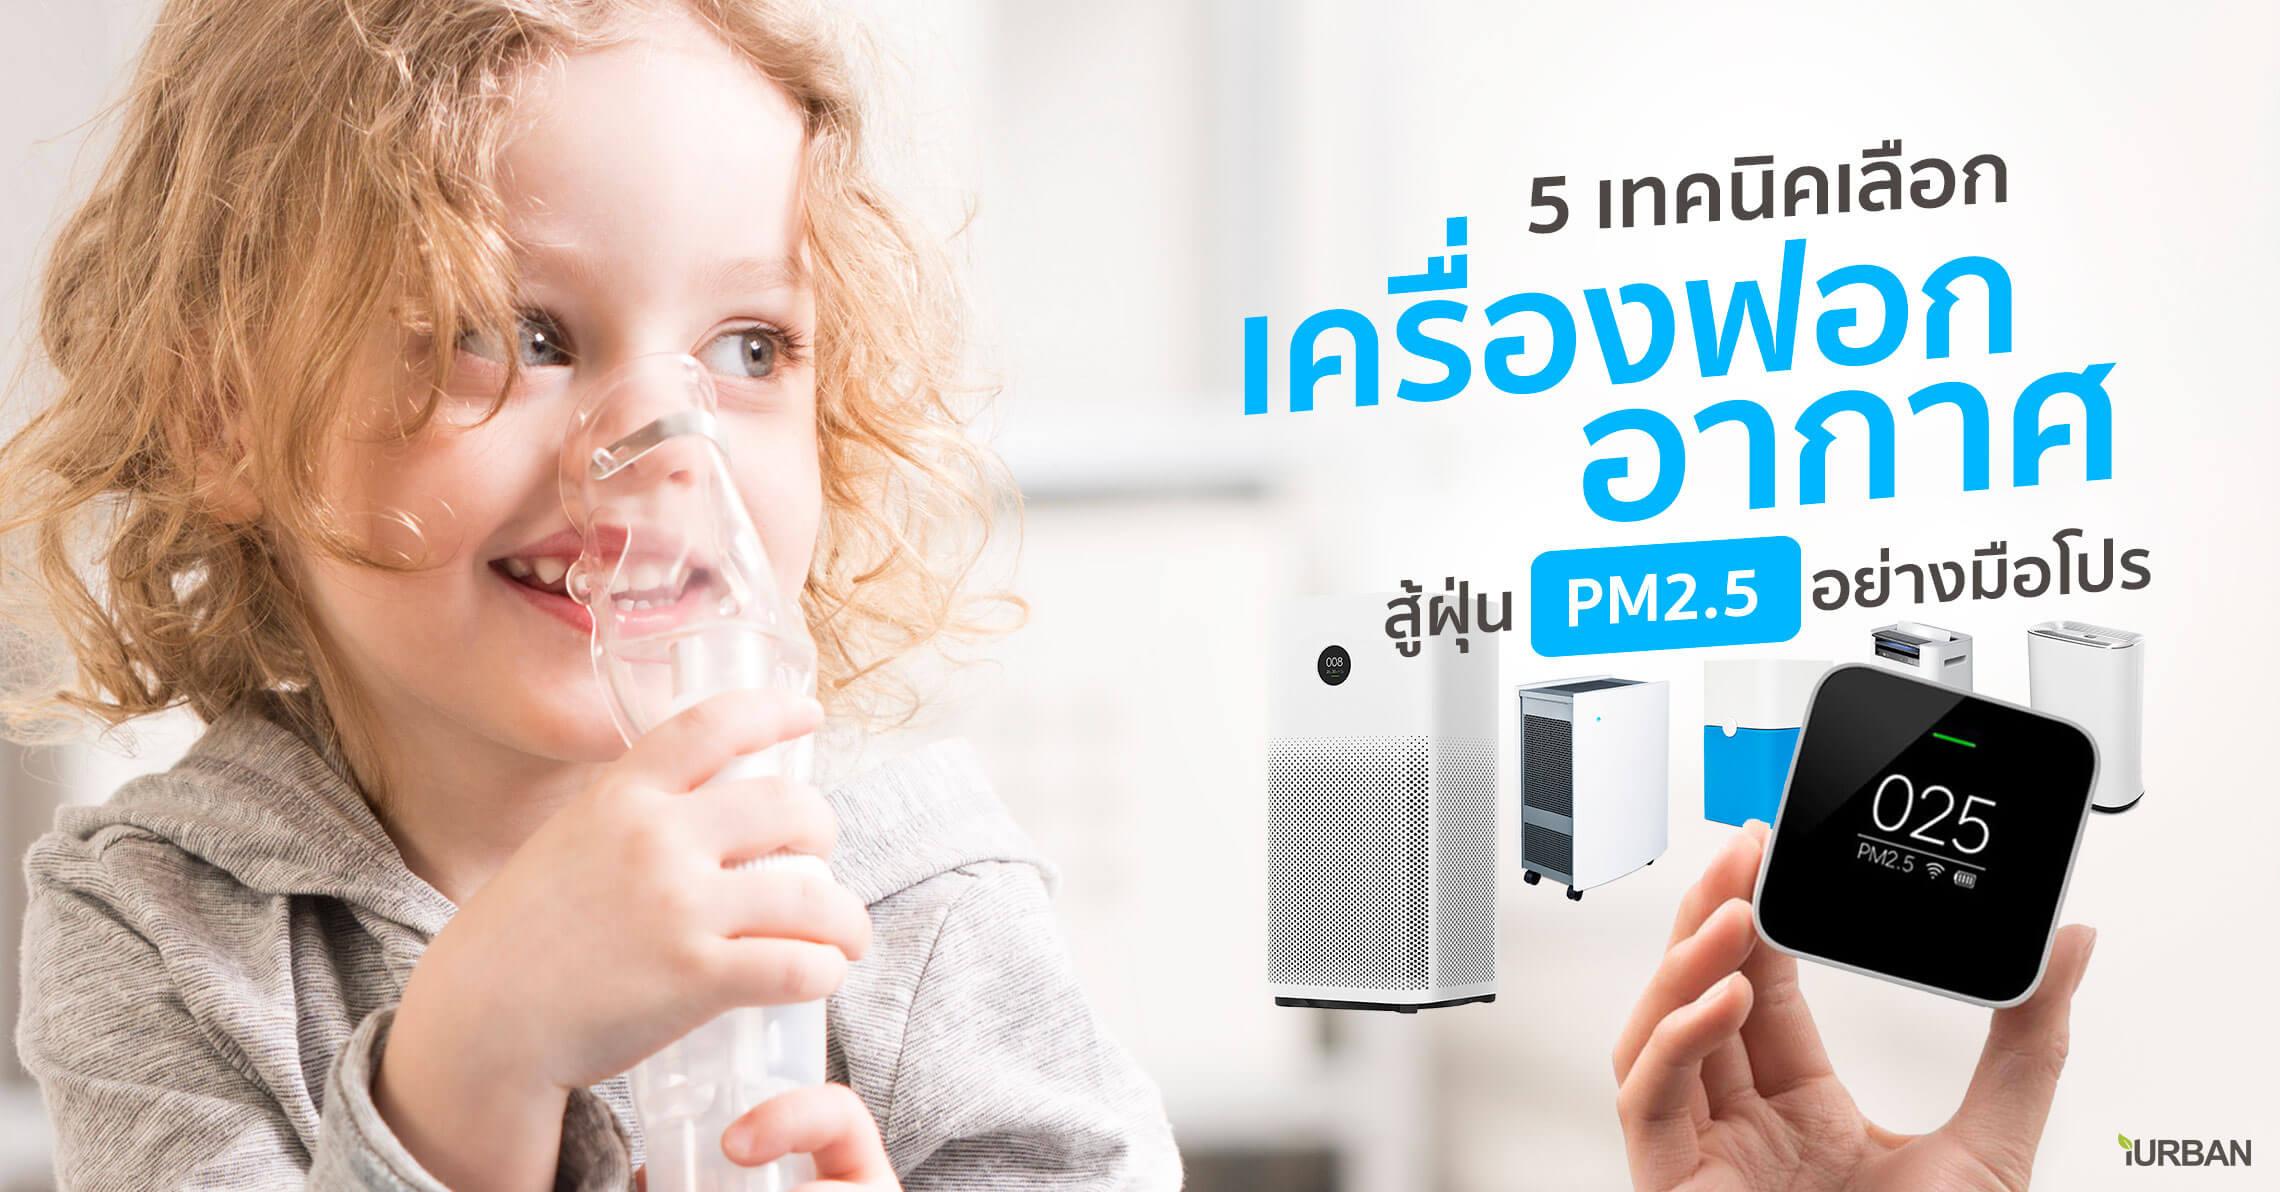 เครื่องฟอกอากาศ PM2.5 มี 5 เรื่องต้องดูเพื่อเลือกซื้ออย่างมือโปร 2019 8 - INSPIRATION